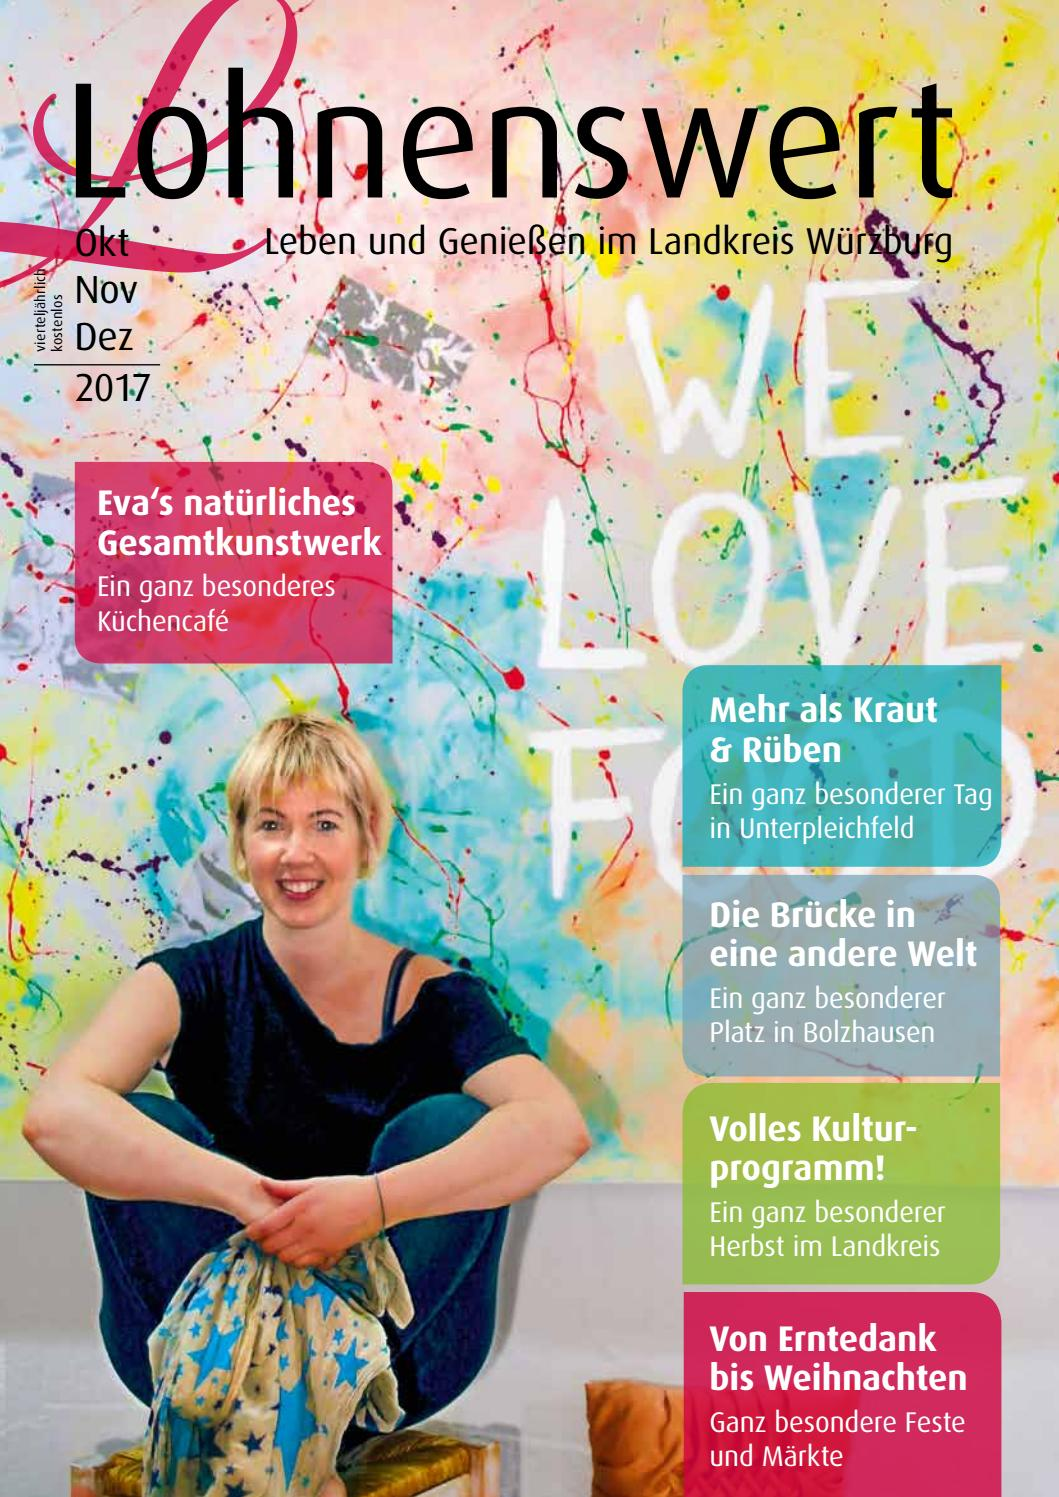 Lohnenswert Ausgabe 4 2017 by Lohnenswert - Leben und Genießen im ...